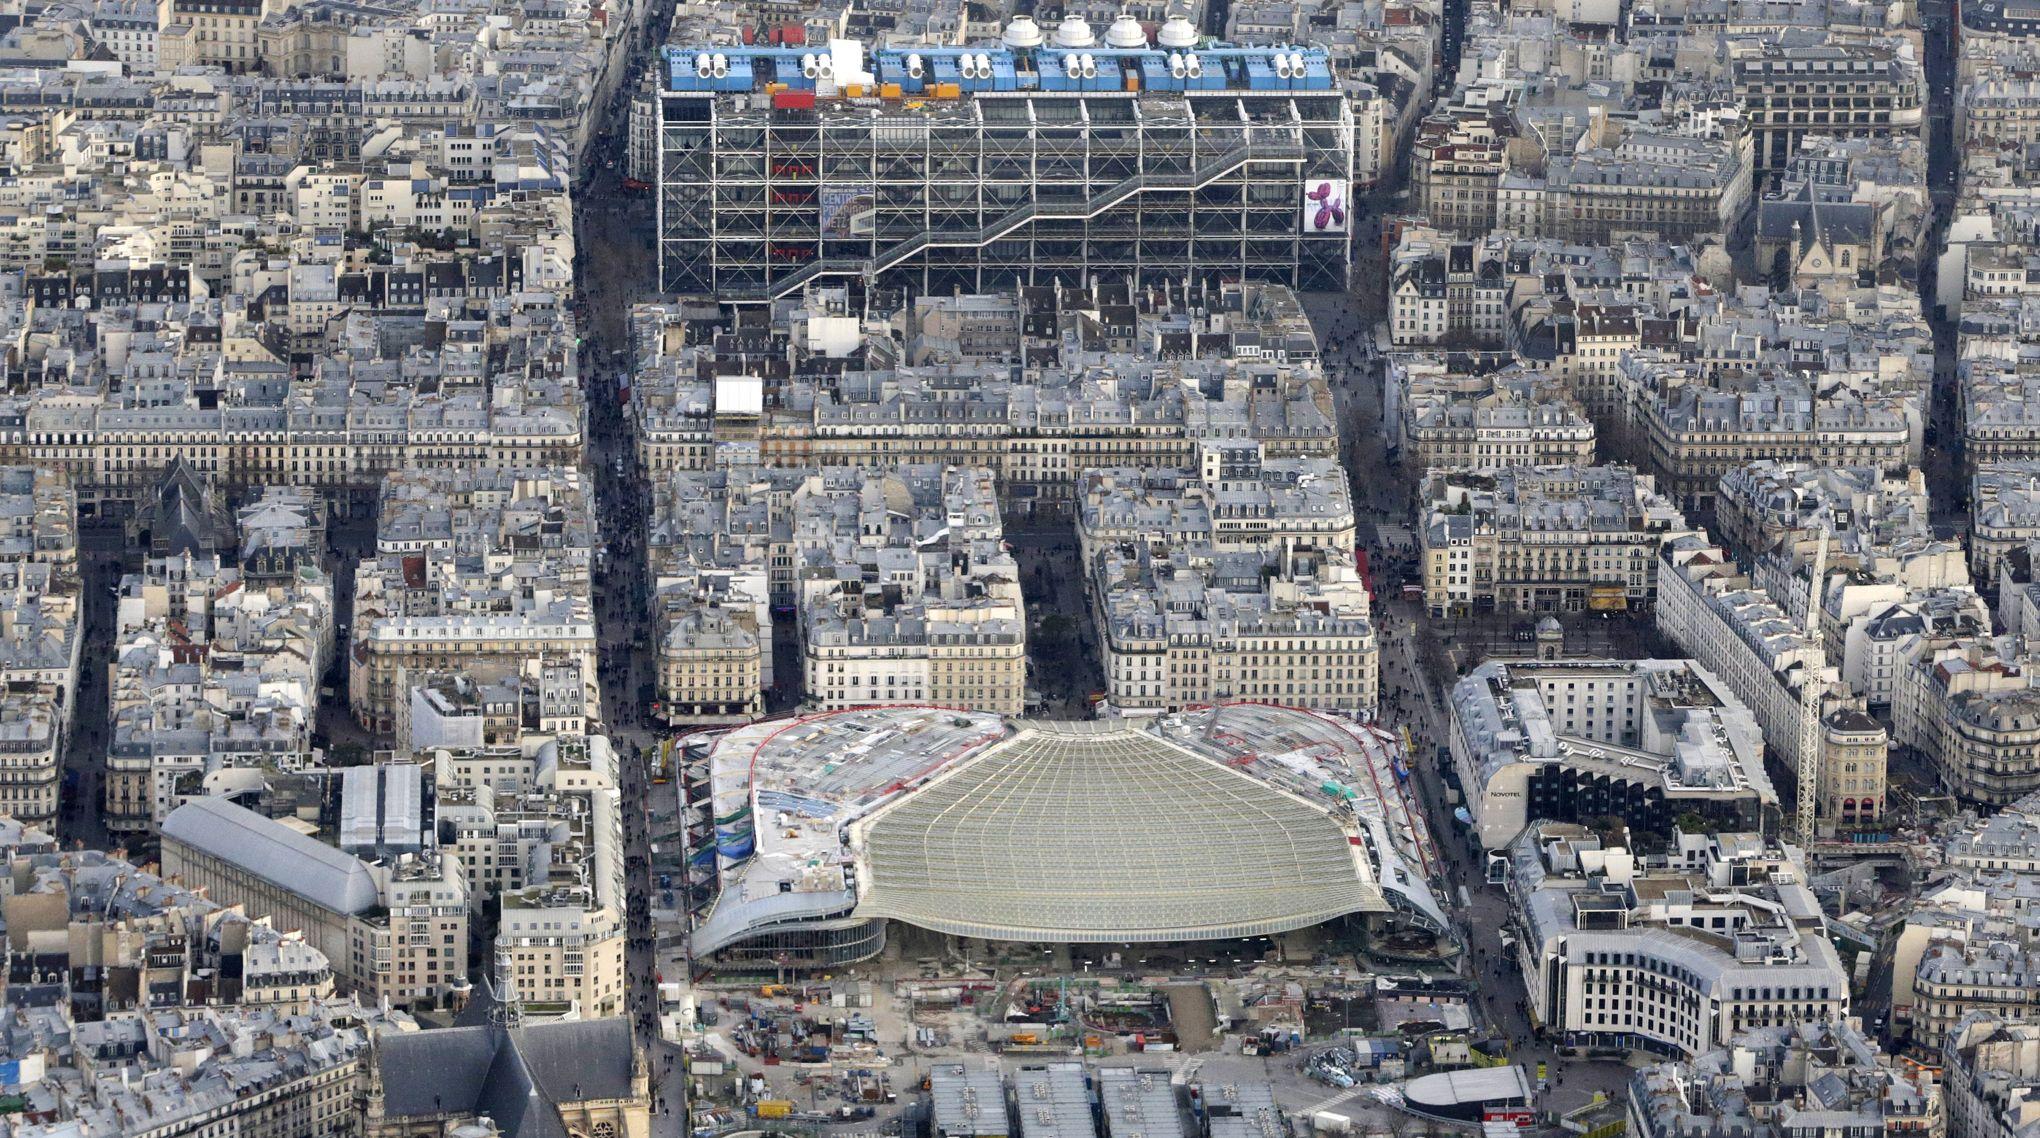 Forum des halles la fnac r clame 47 millions d 39 euros la ville de paris - Forum des halles dimanche ...